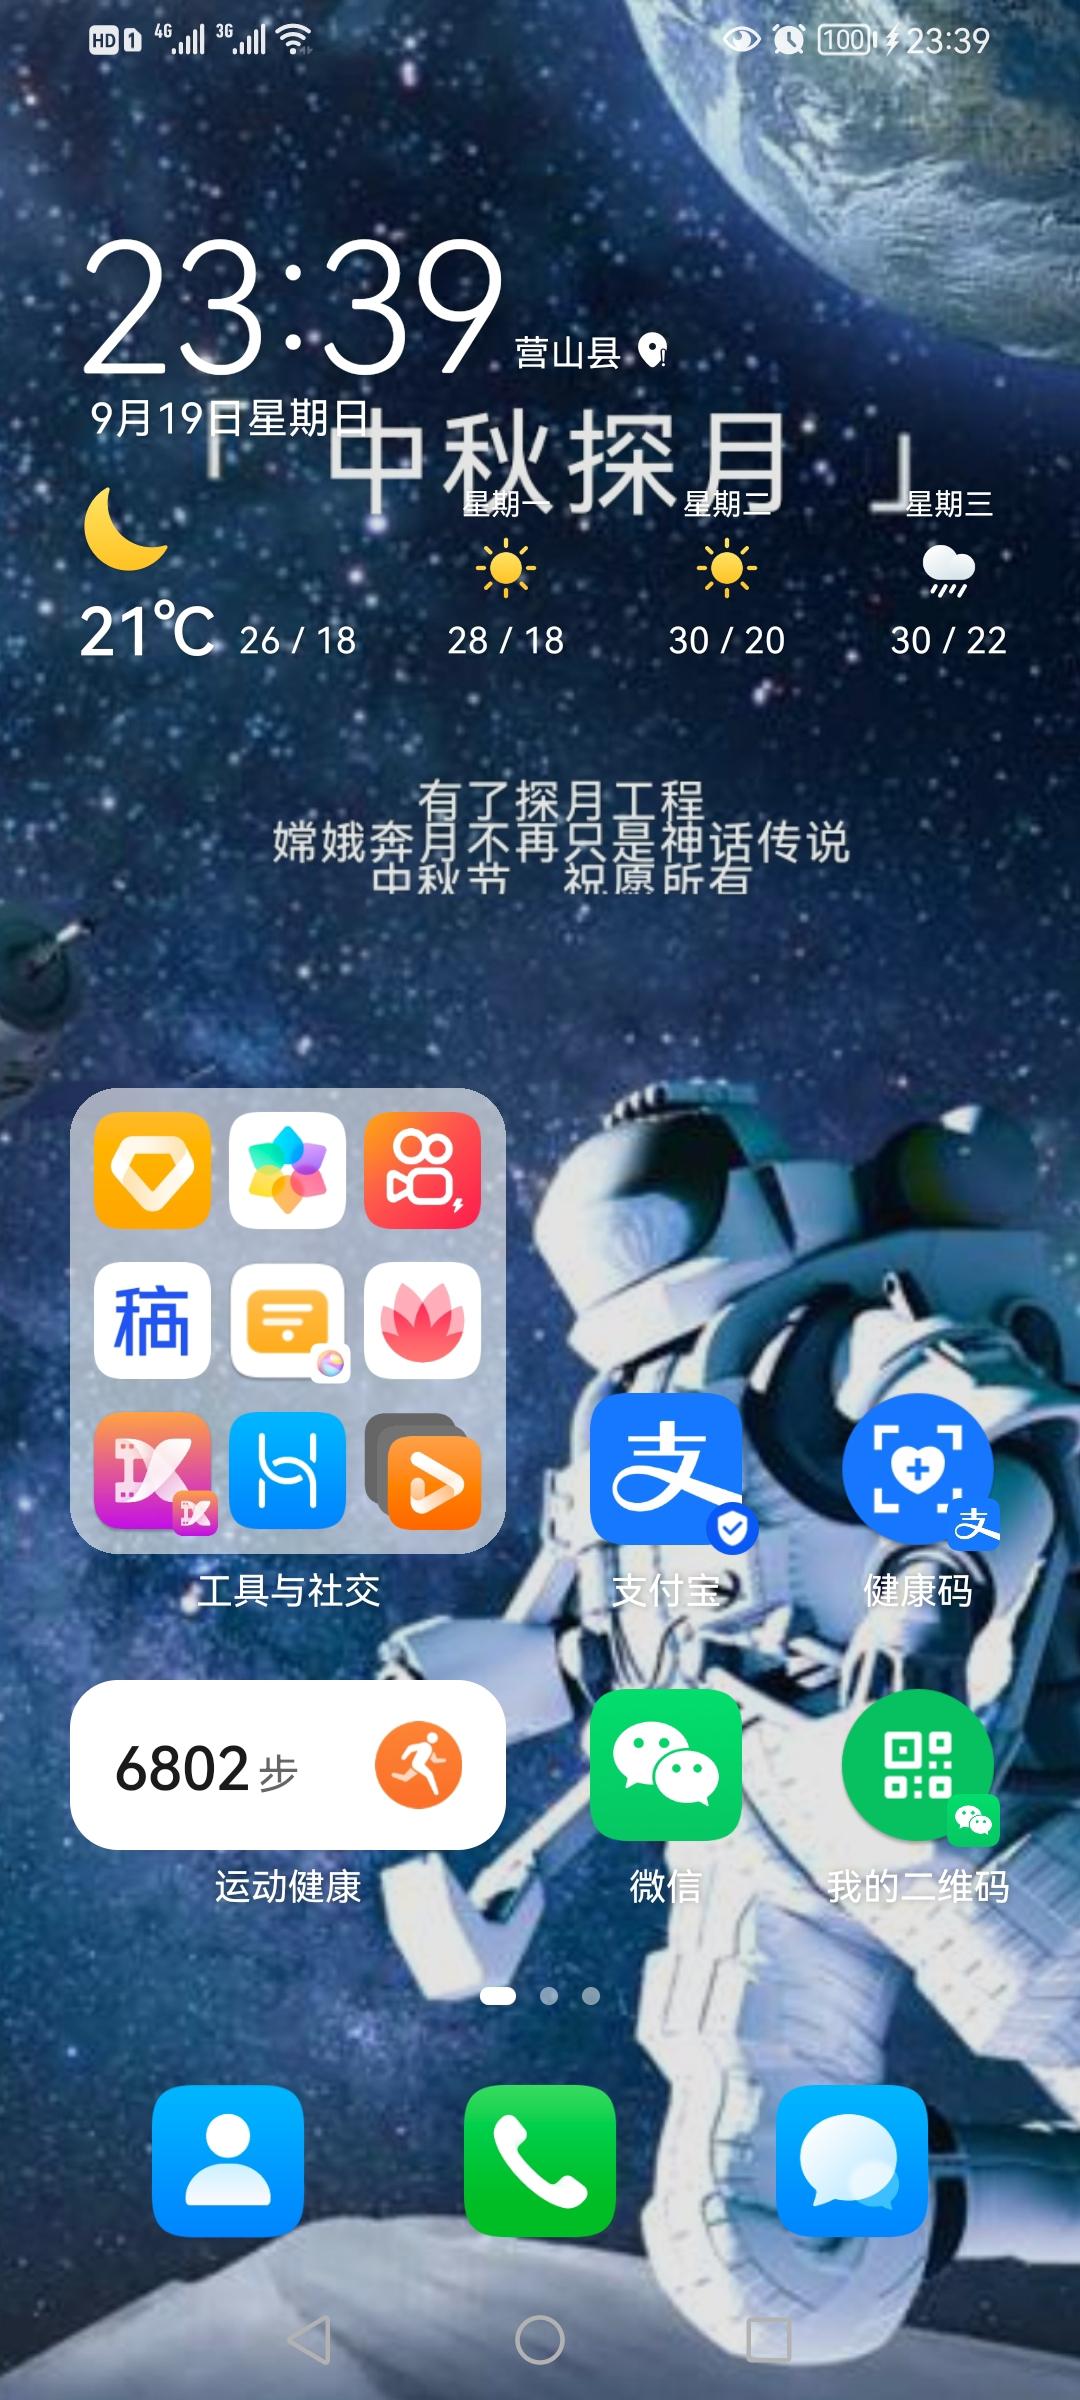 Screenshot_20210919_233904_com.huawei.android.launcher.jpg